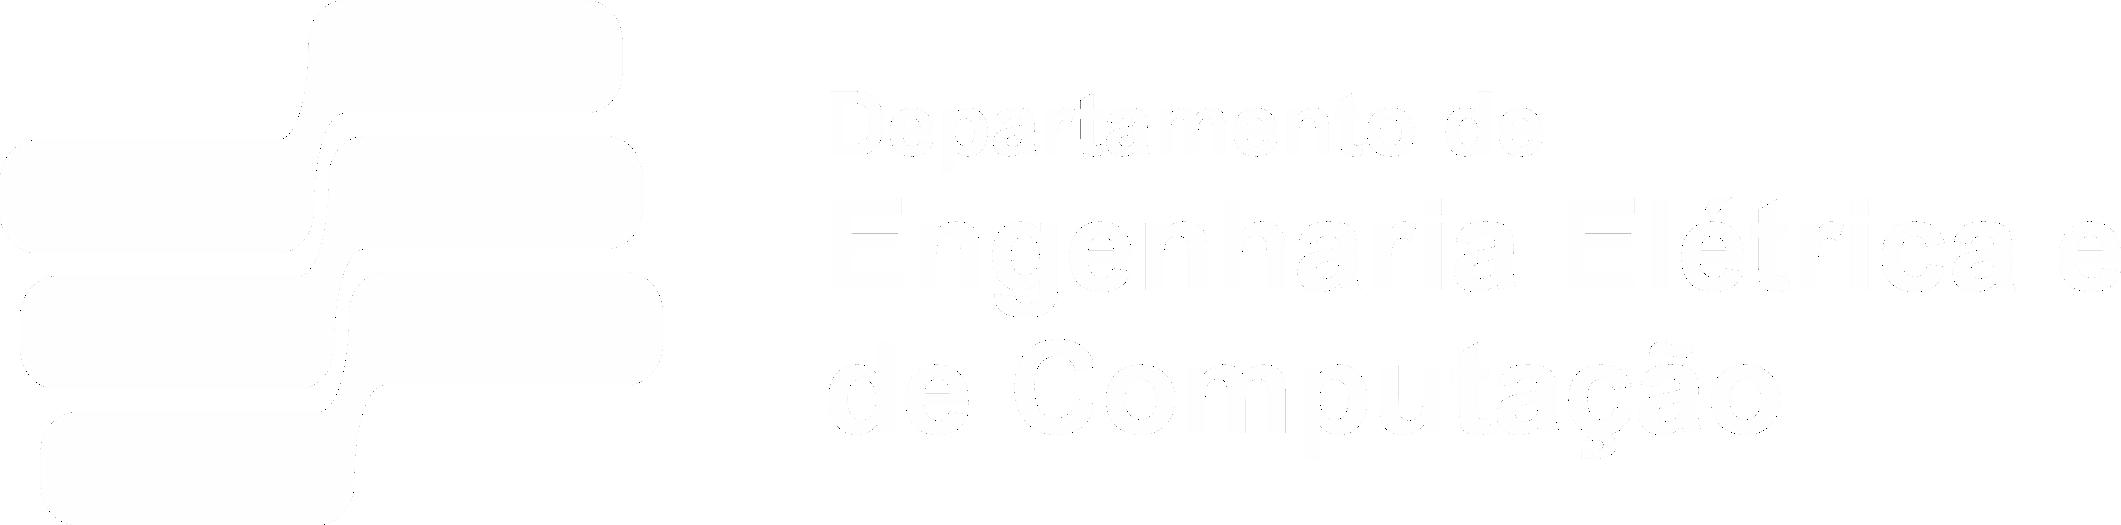 Departamento de Engenharia Elétrica e de Computação